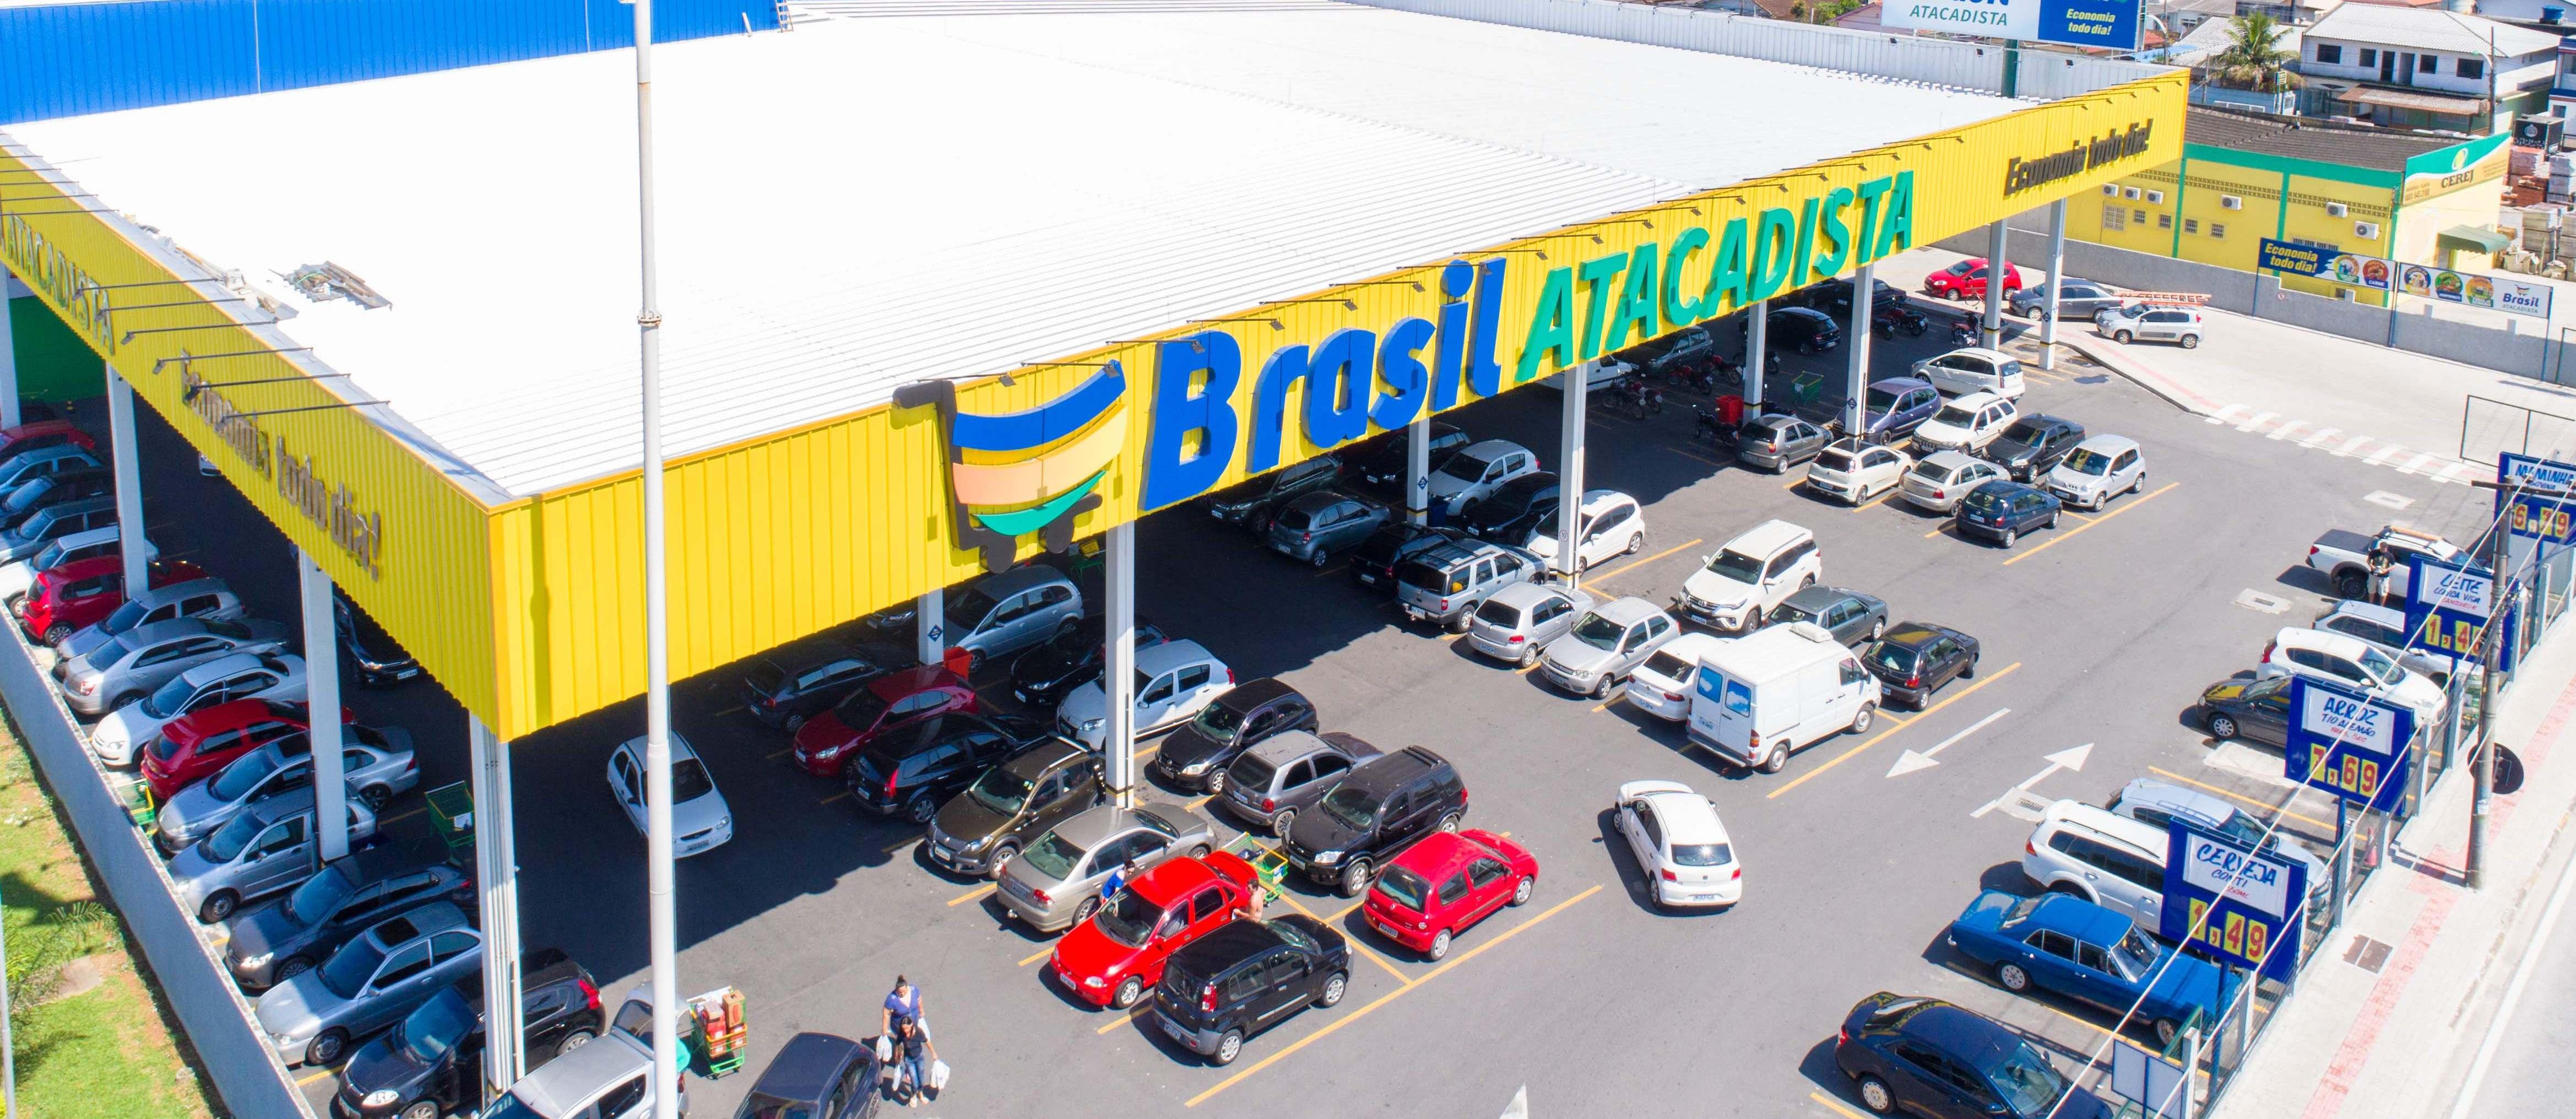 1604ddeb4 Brasil Atacadista inaugura loja com mais de 4 mil metros quadrados e 8 mil  itens no norte da ilha